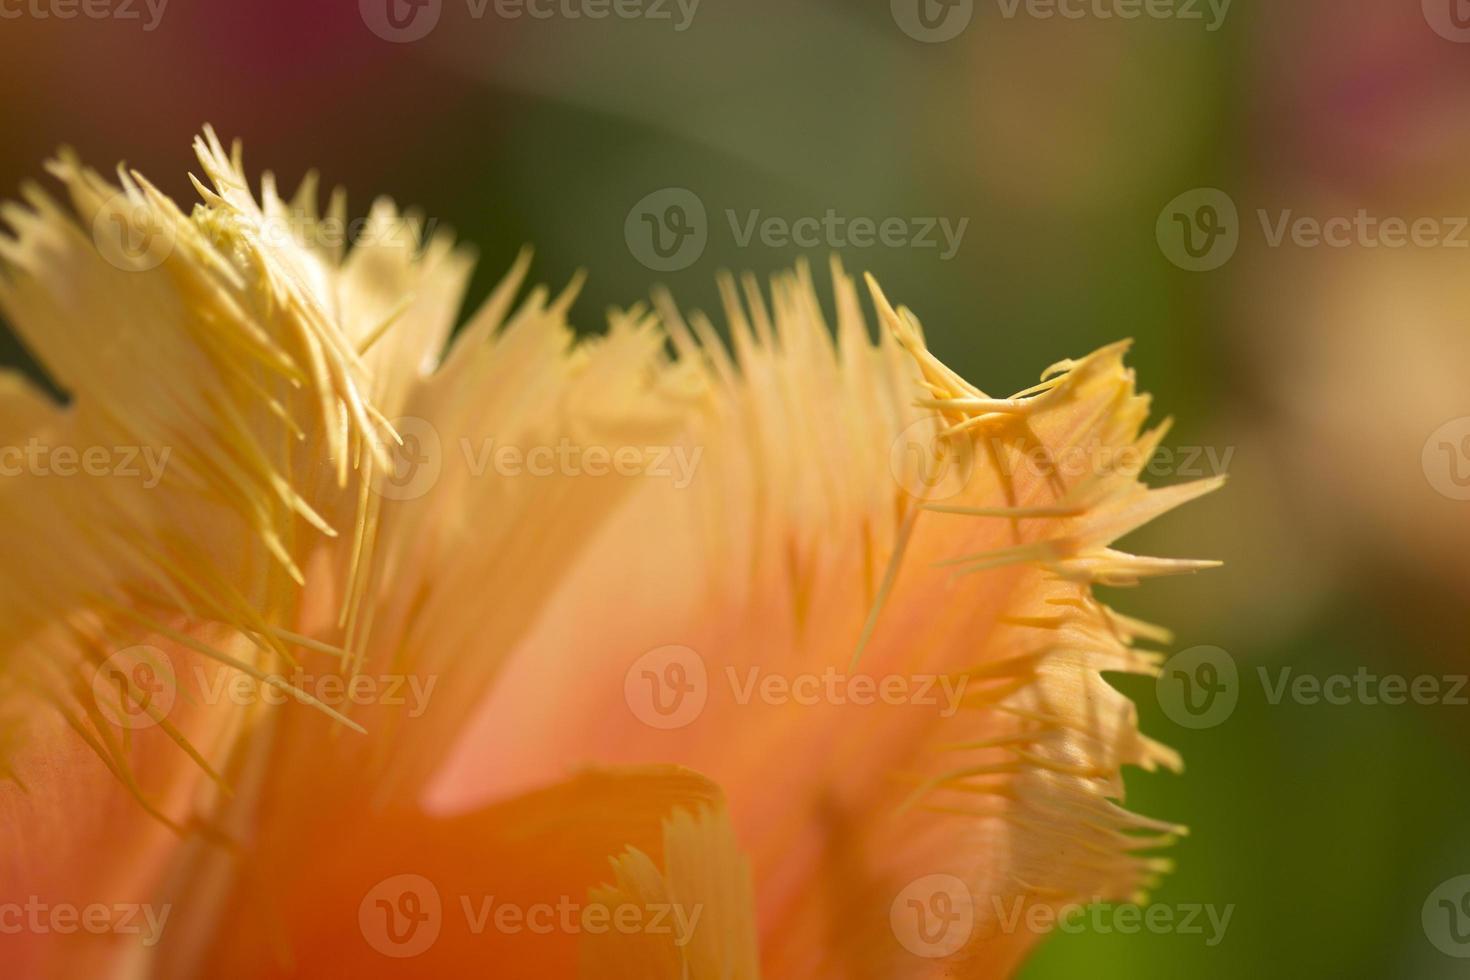 Petal of orange tulip photo